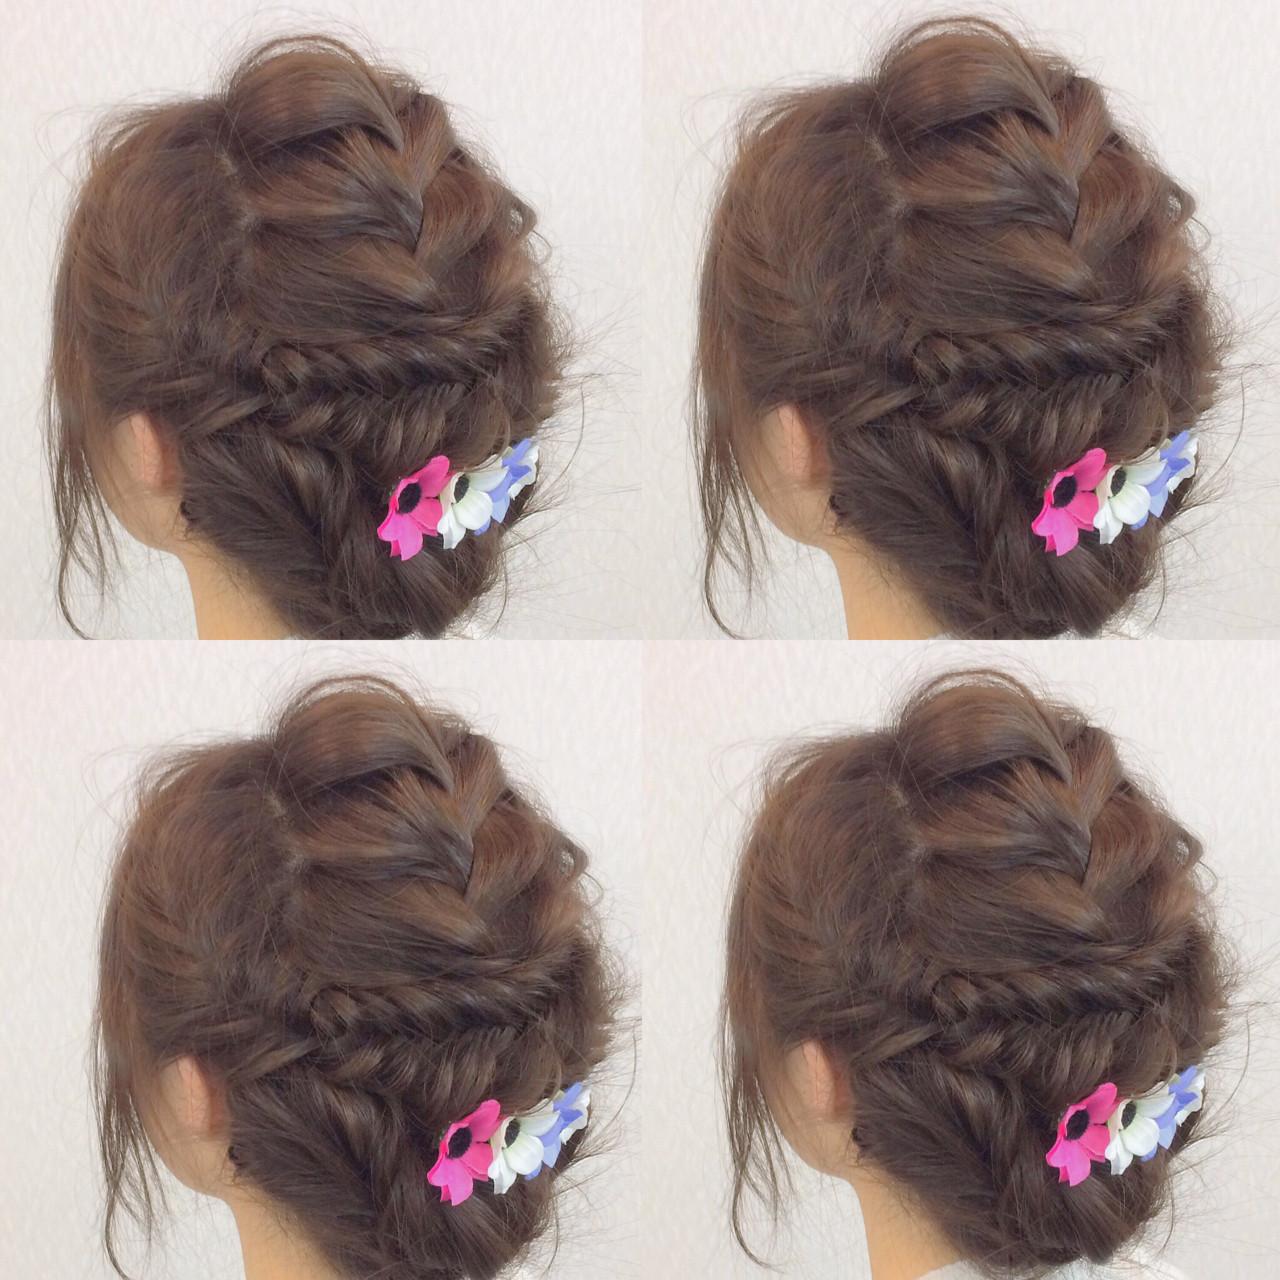 簡単ヘアアレンジ ヘアアレンジ 結婚式 大人女子 ヘアスタイルや髪型の写真・画像